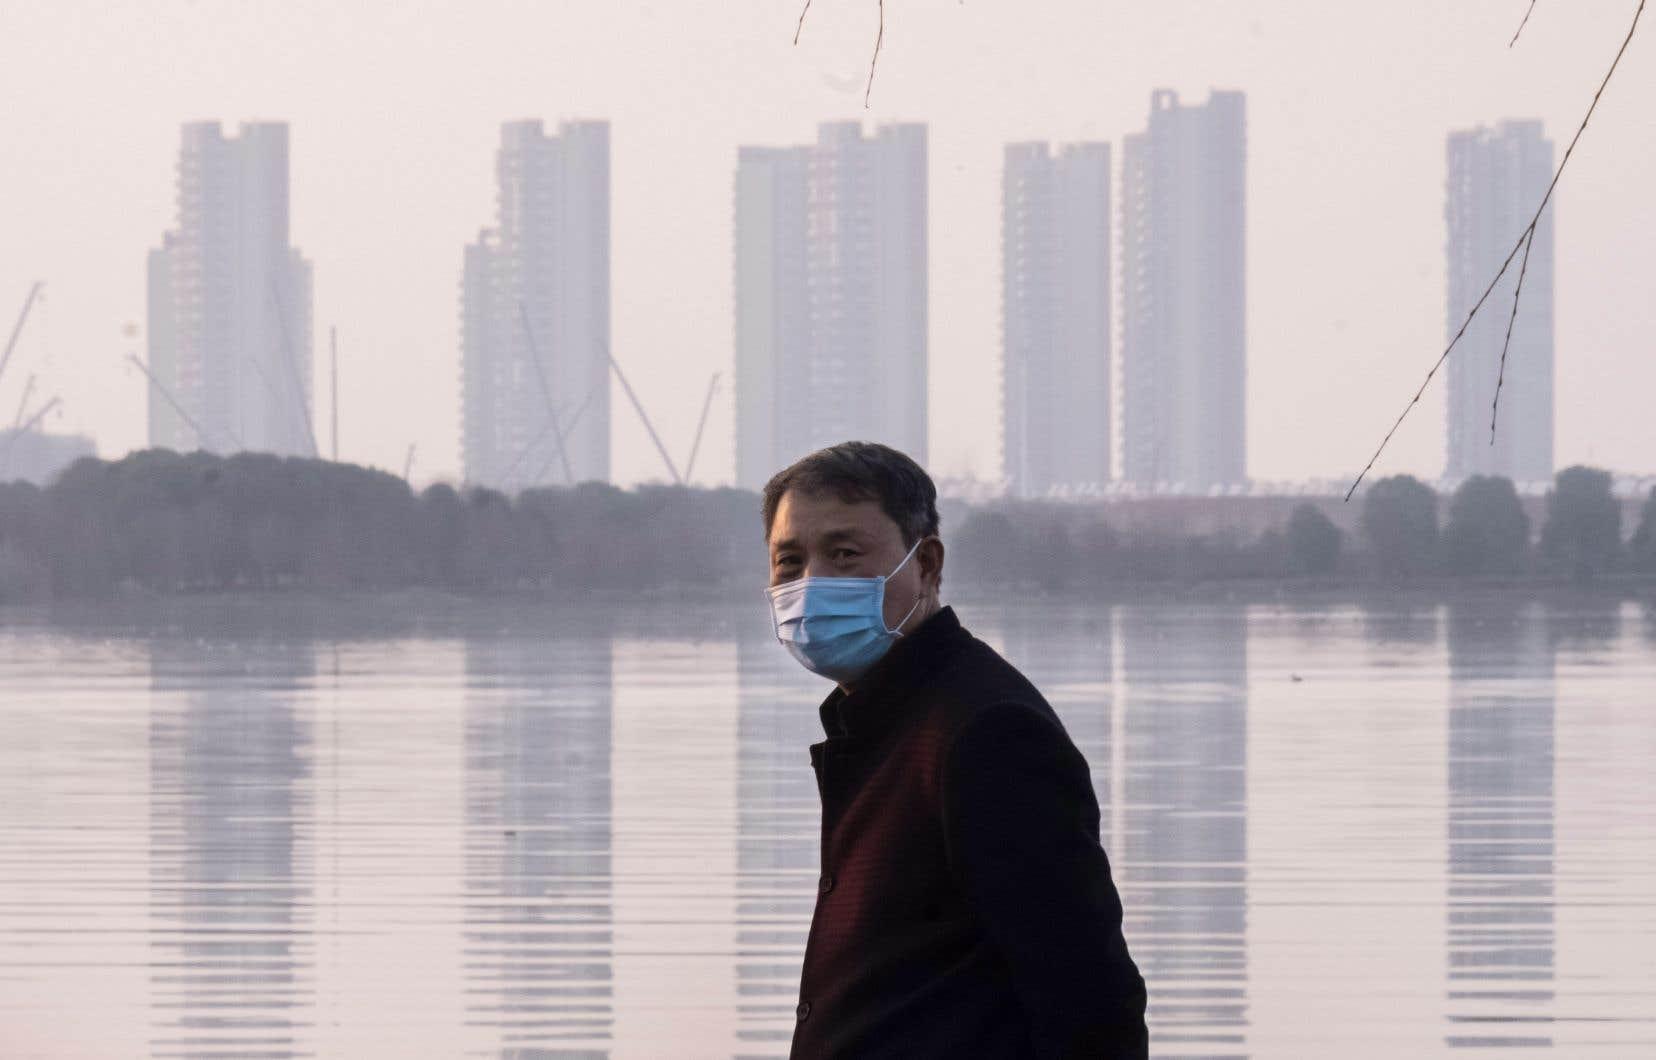 Le nouveau coronavirus a jusqu'à présent tué 425 personnes en Chine et deux autres à Hong Kong et aux Philippines.